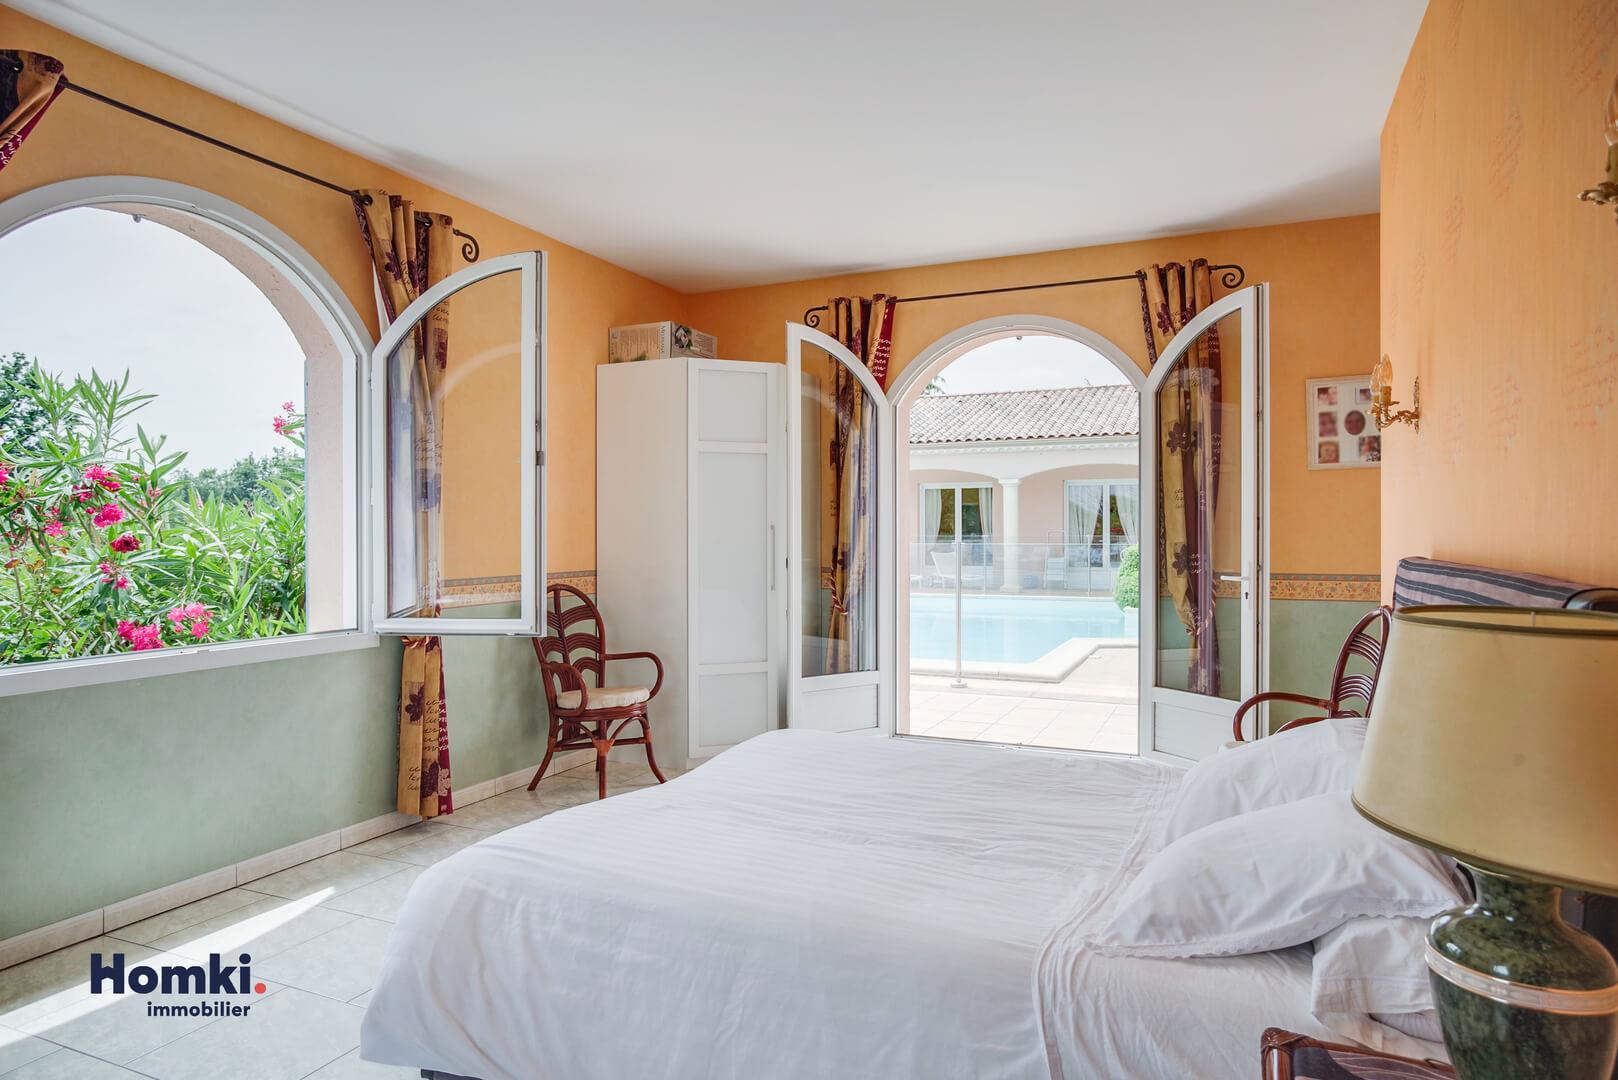 Homki - Vente maison/villa  de 340.0 m² à ste colombe 33350